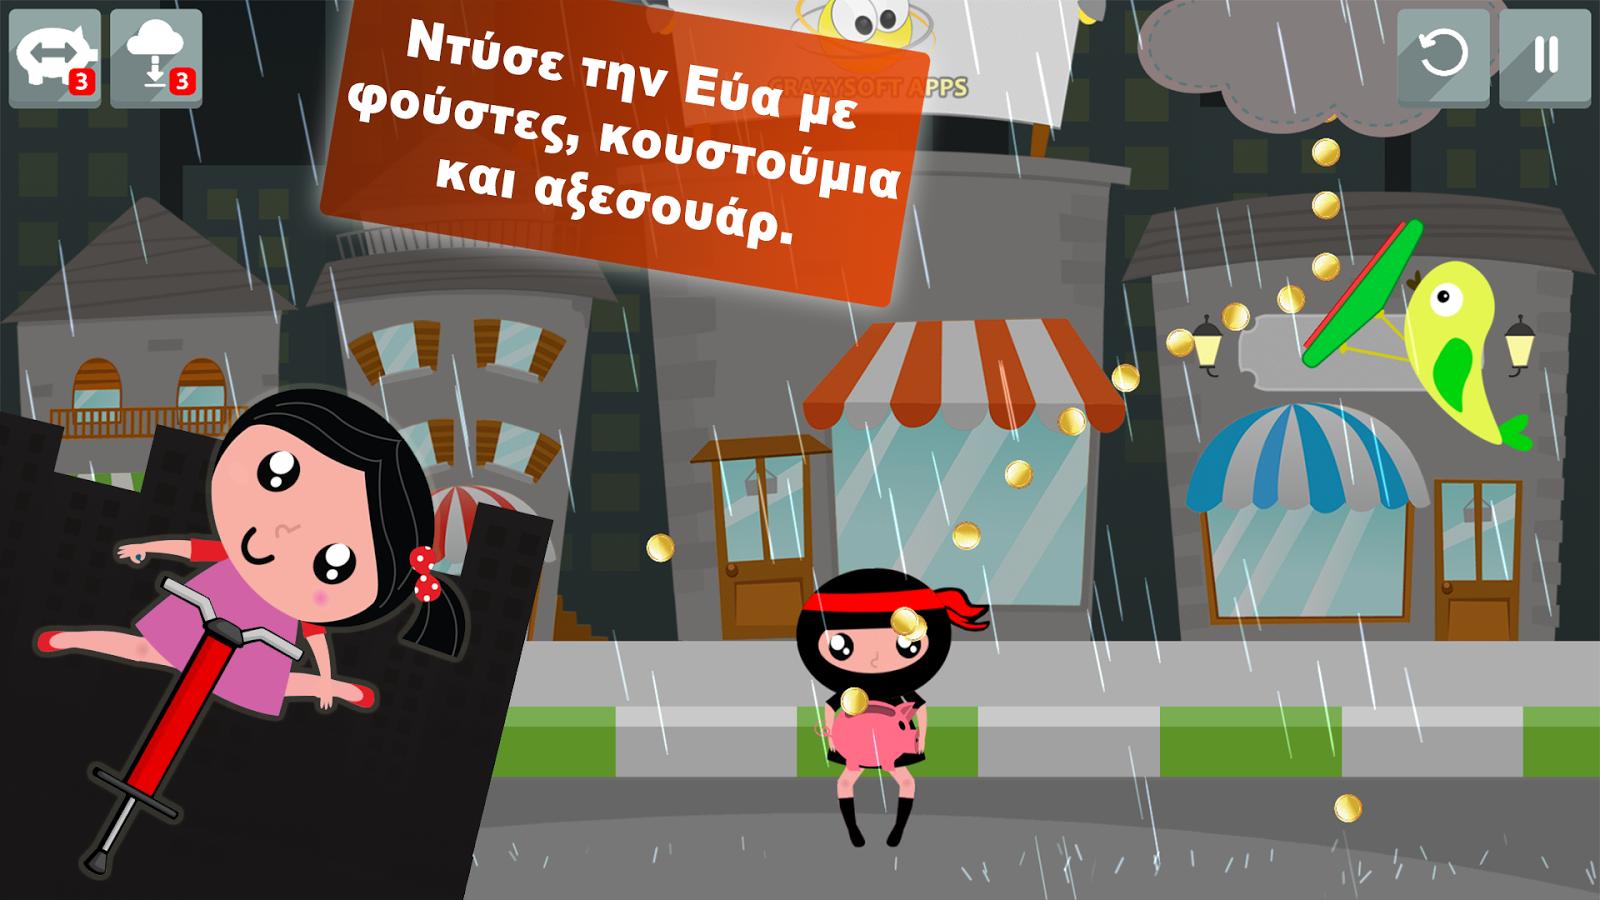 Βρέχει νομίσματα; - screenshot